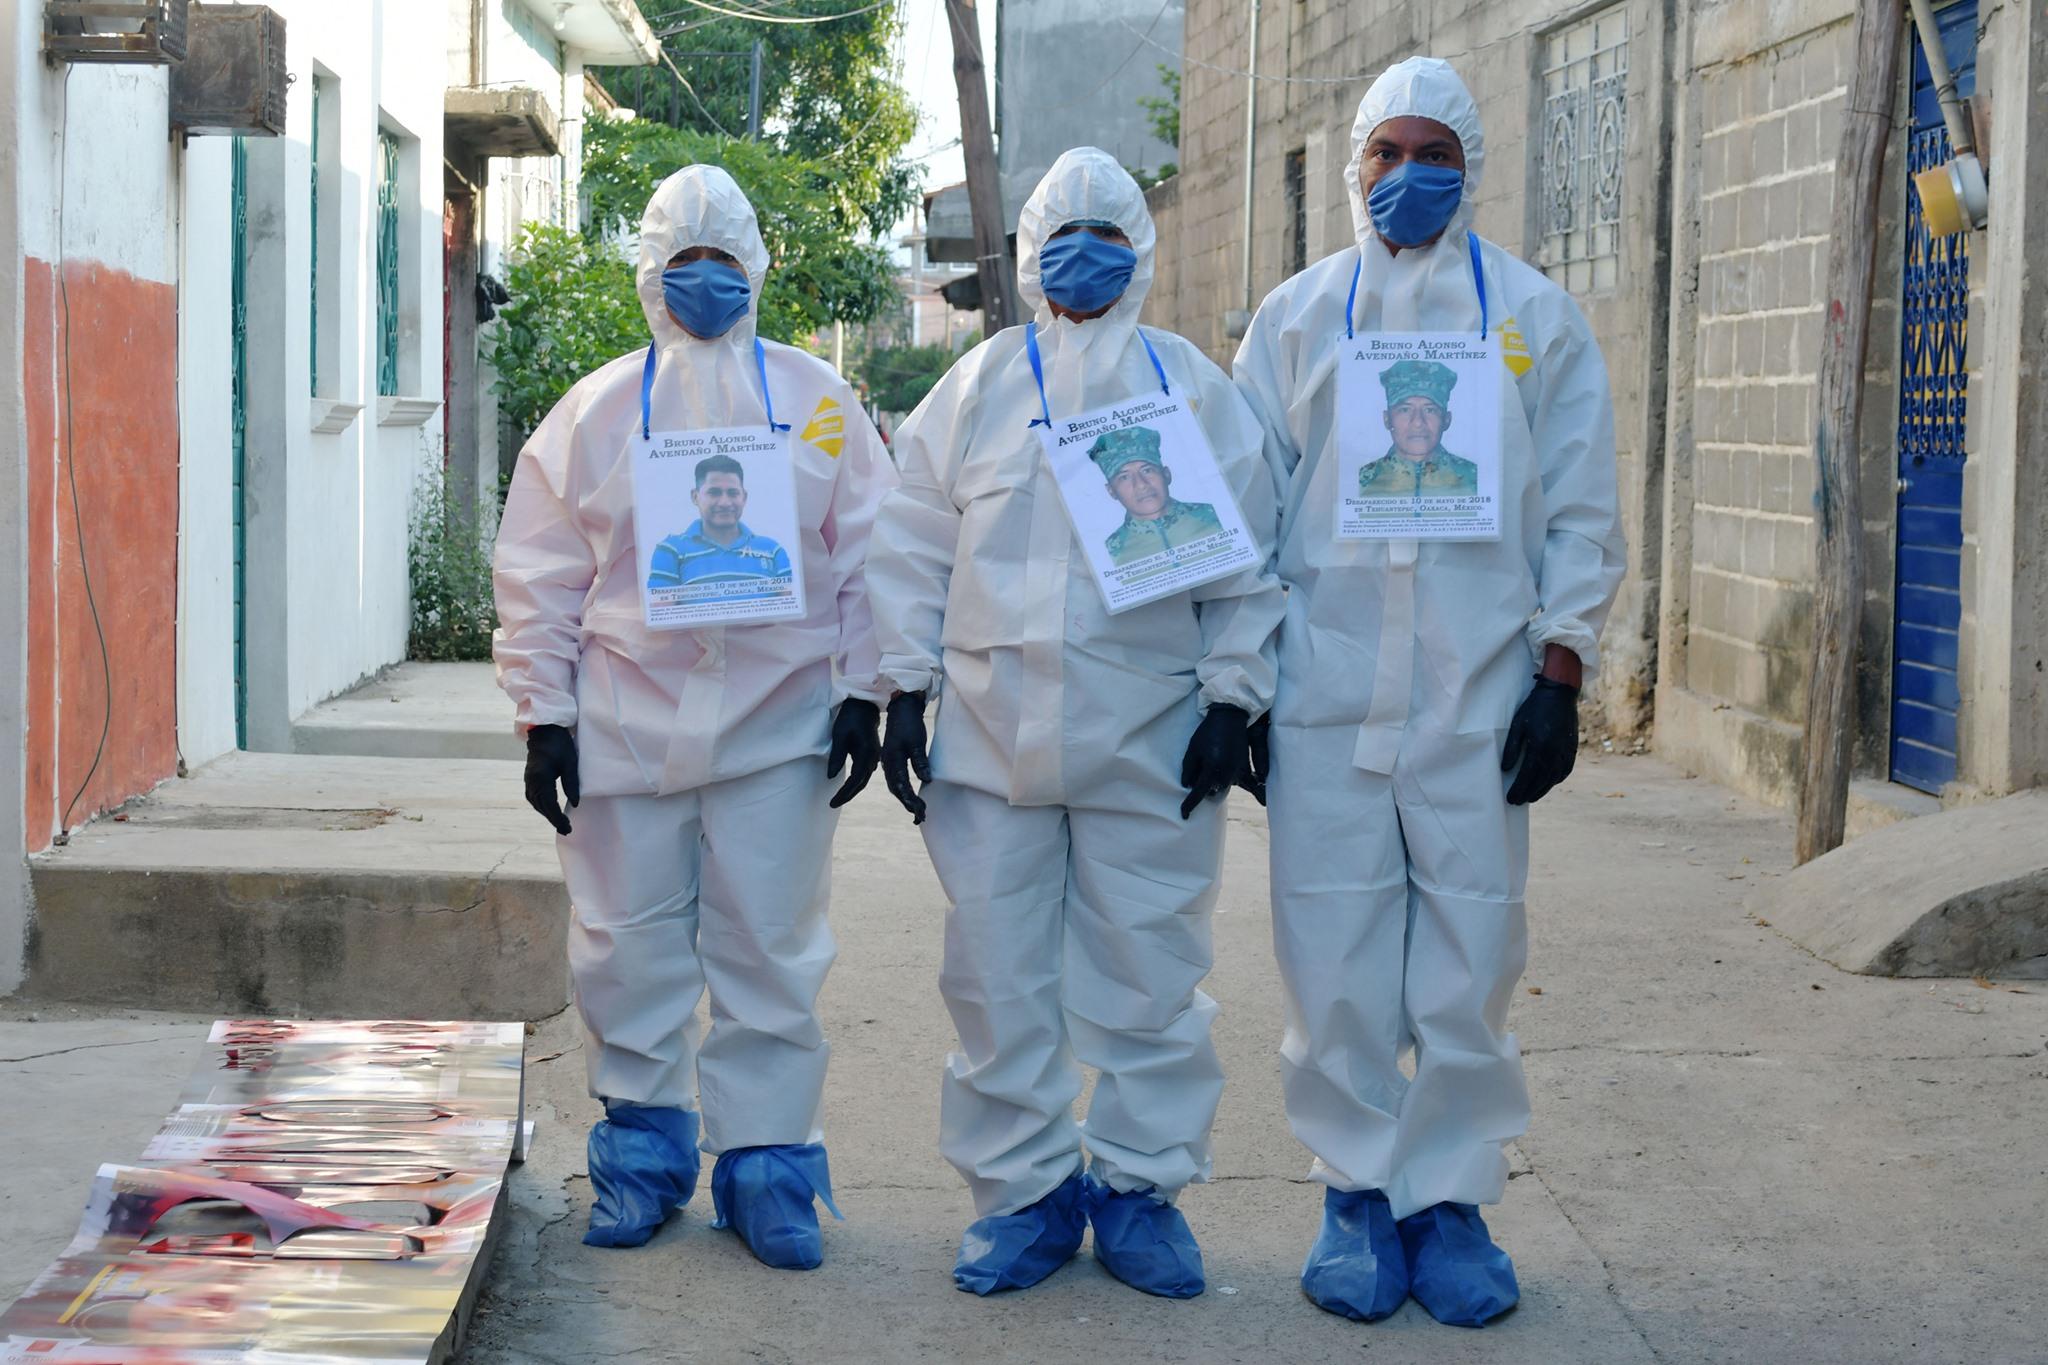 Memoria y verdad «La justicia se aleja para los nadies»: Lukas Avendaño (Oaxaca)